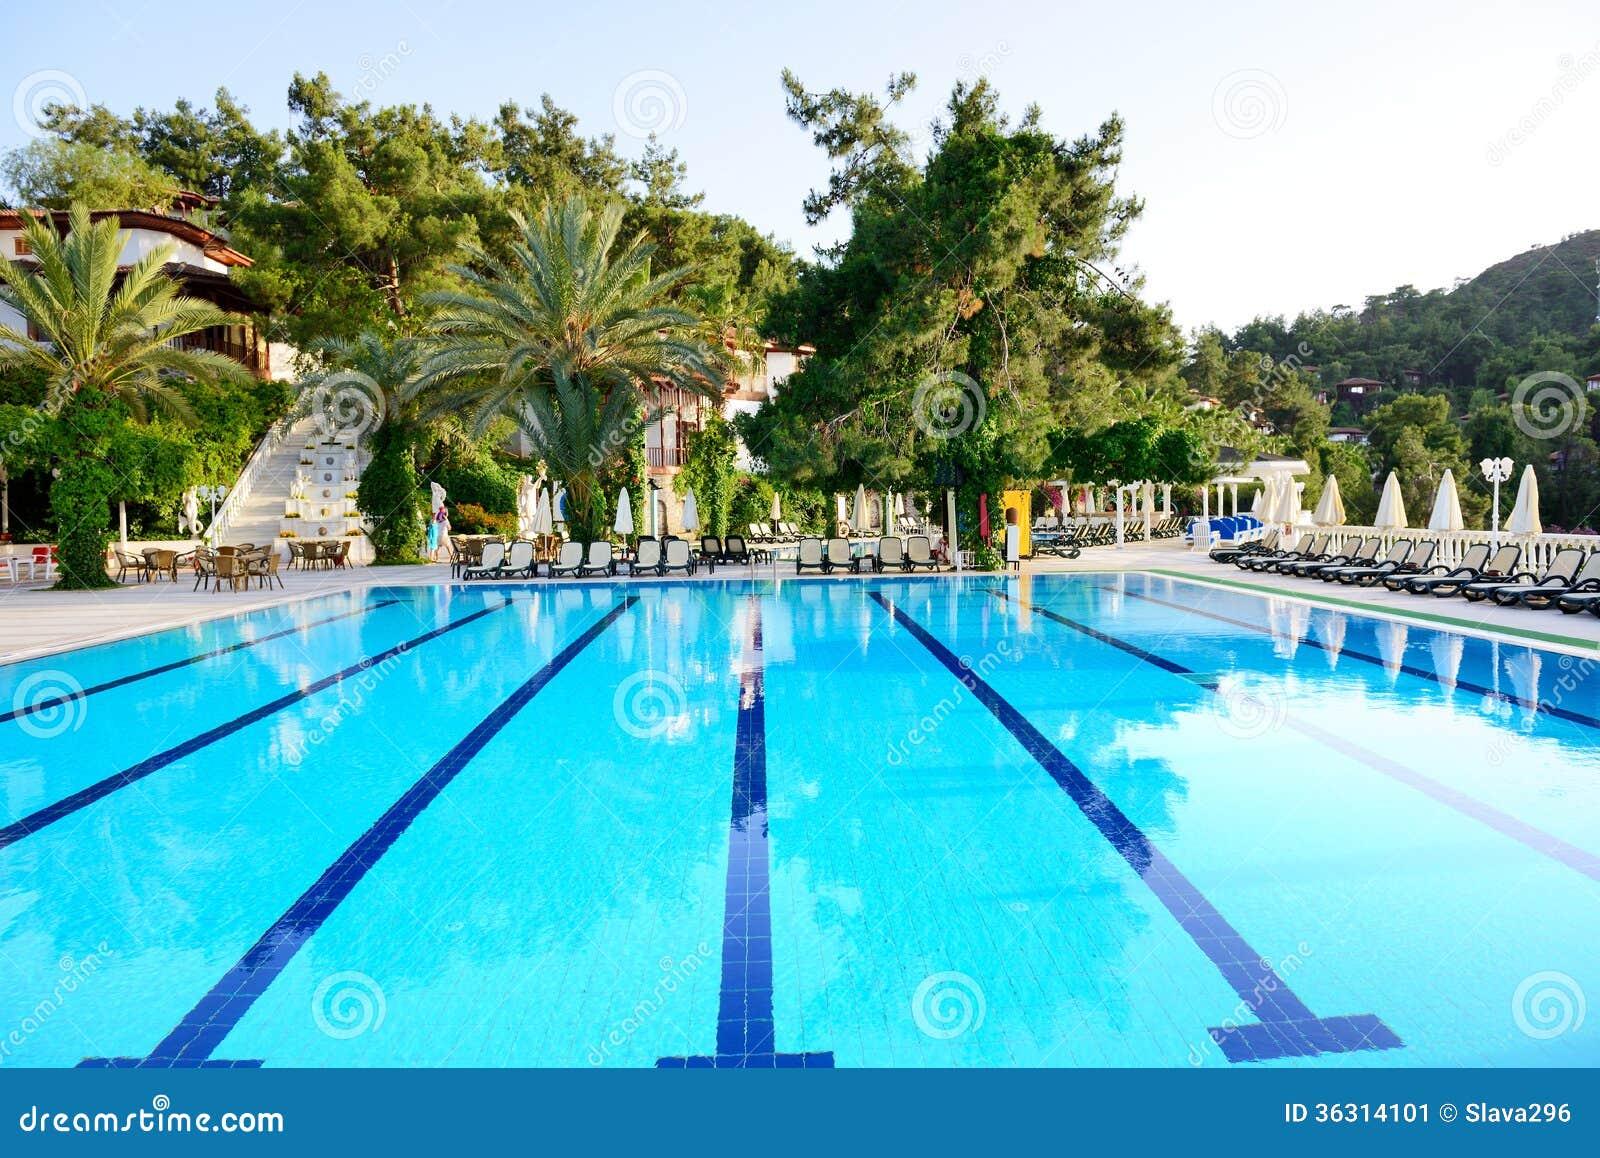 Swimming Pool On Turkish Resort Stock Image Image 36314101